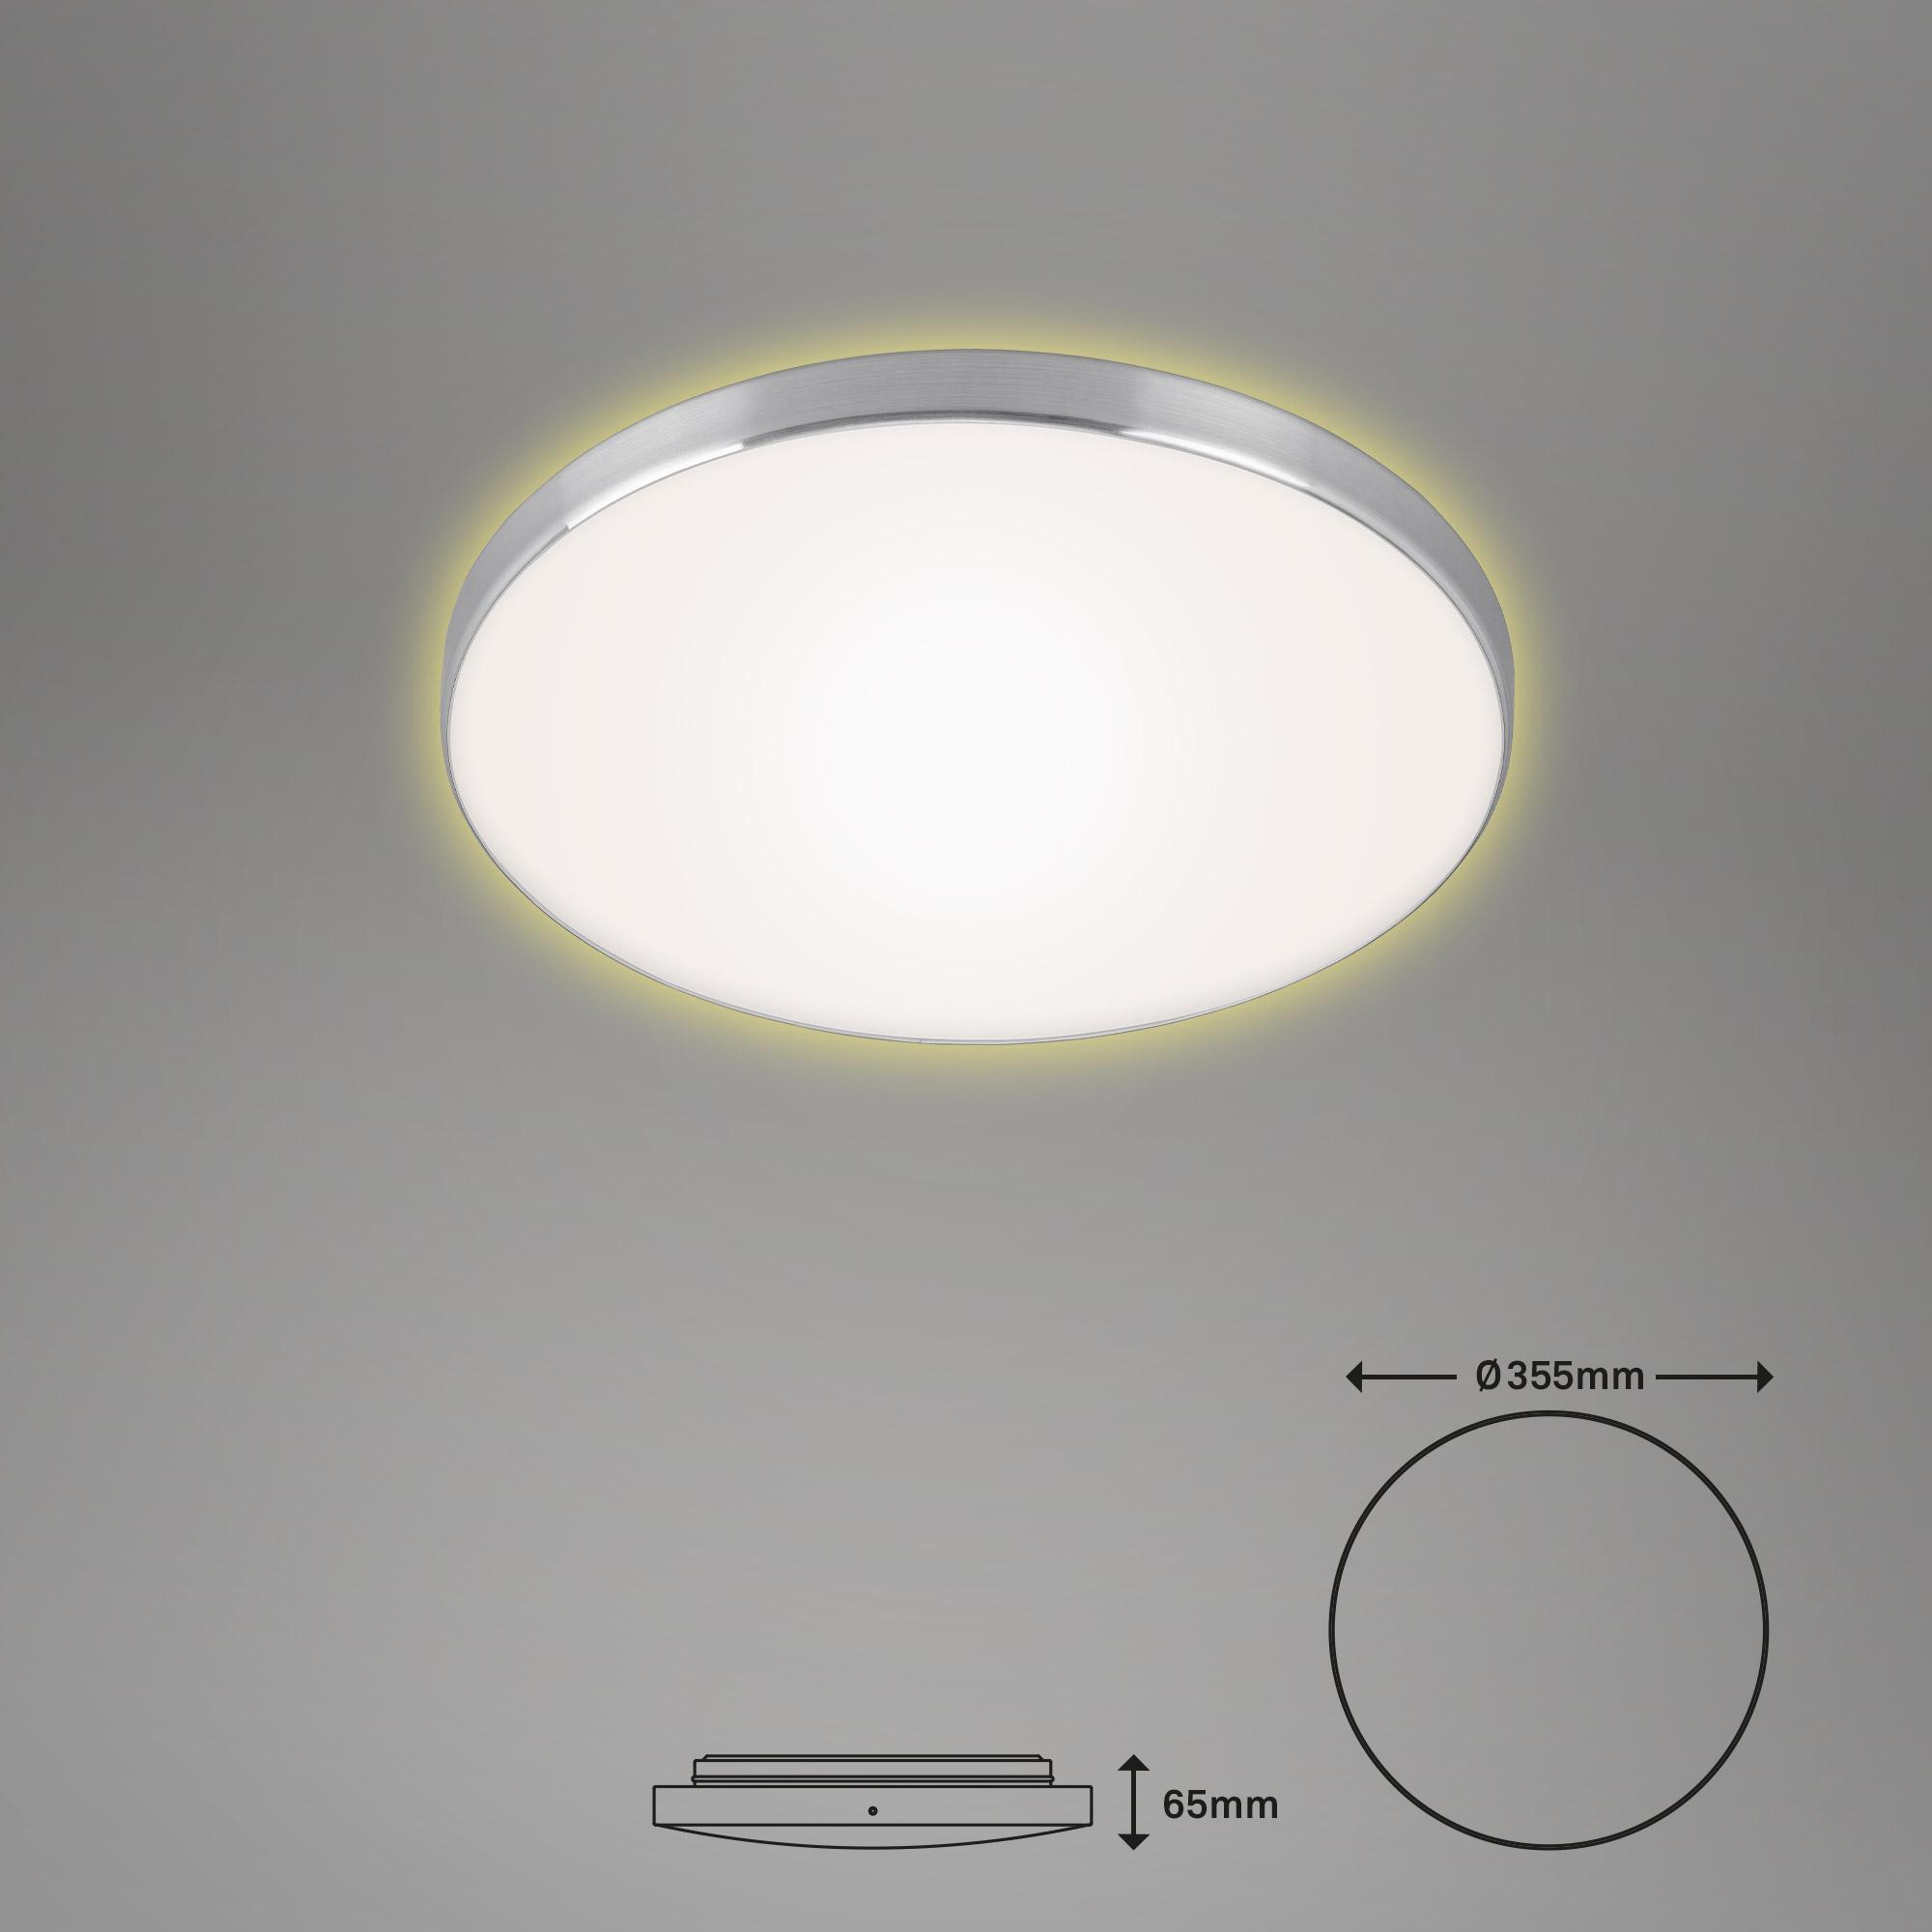 LED Deckenleuchte, Ø 35,5 cm, 18 W, Alu-Weiß